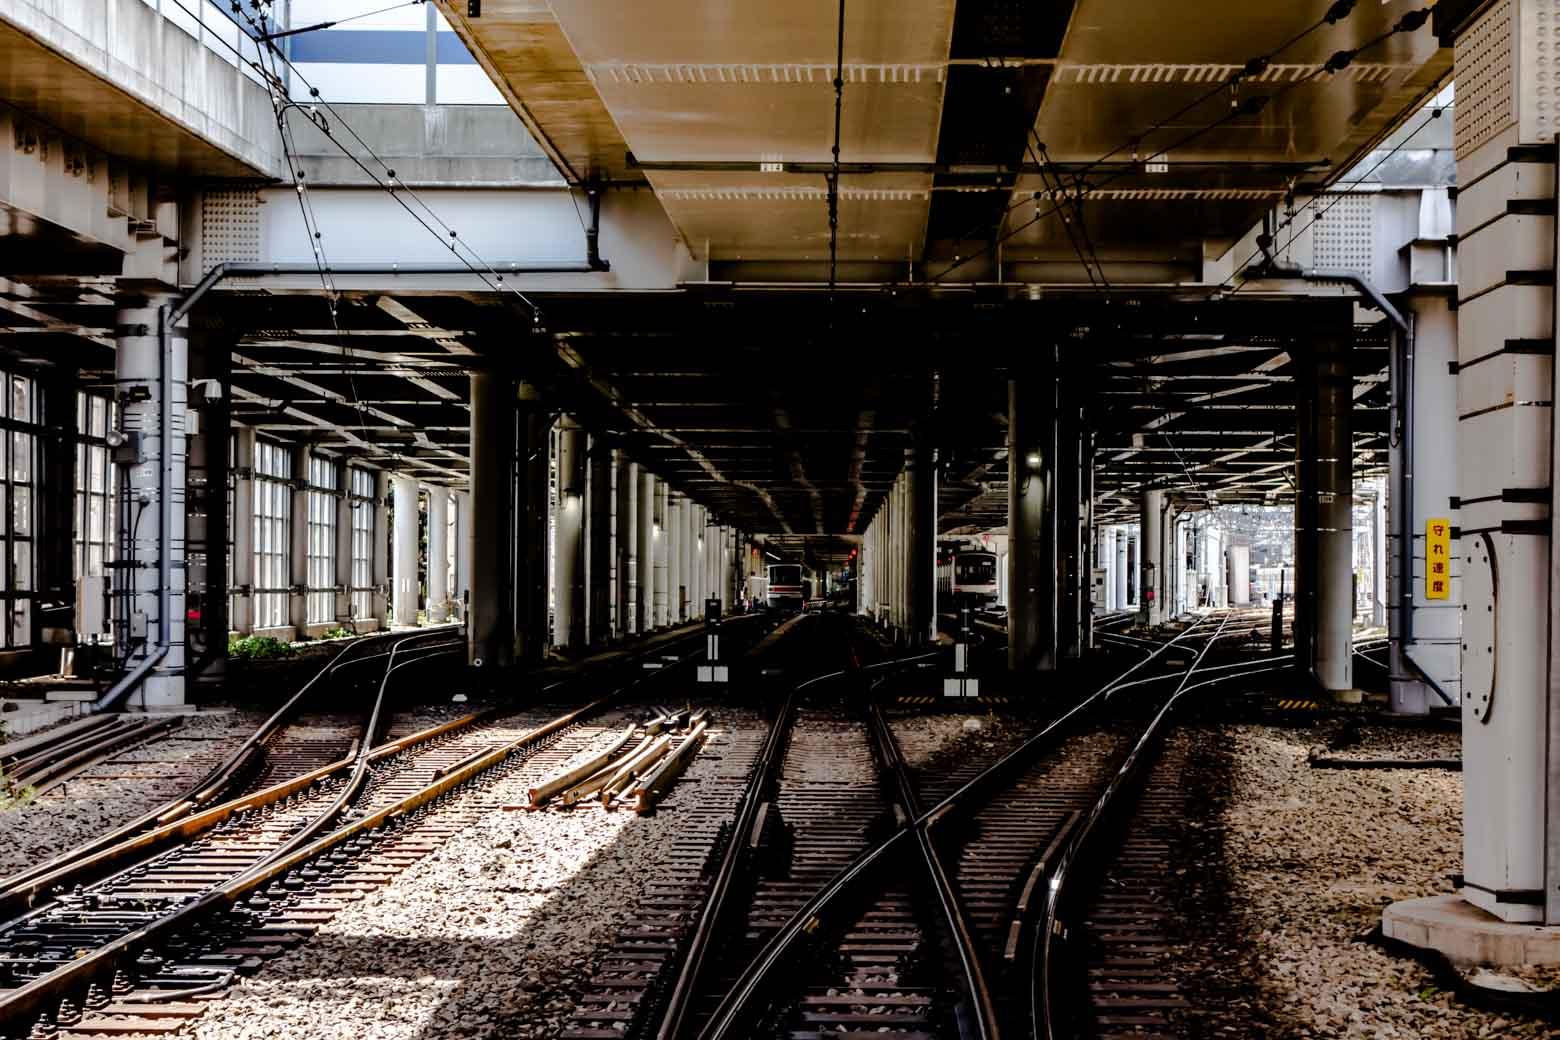 車両基地があるため、電車マニアからも熱い視線を浴びています。